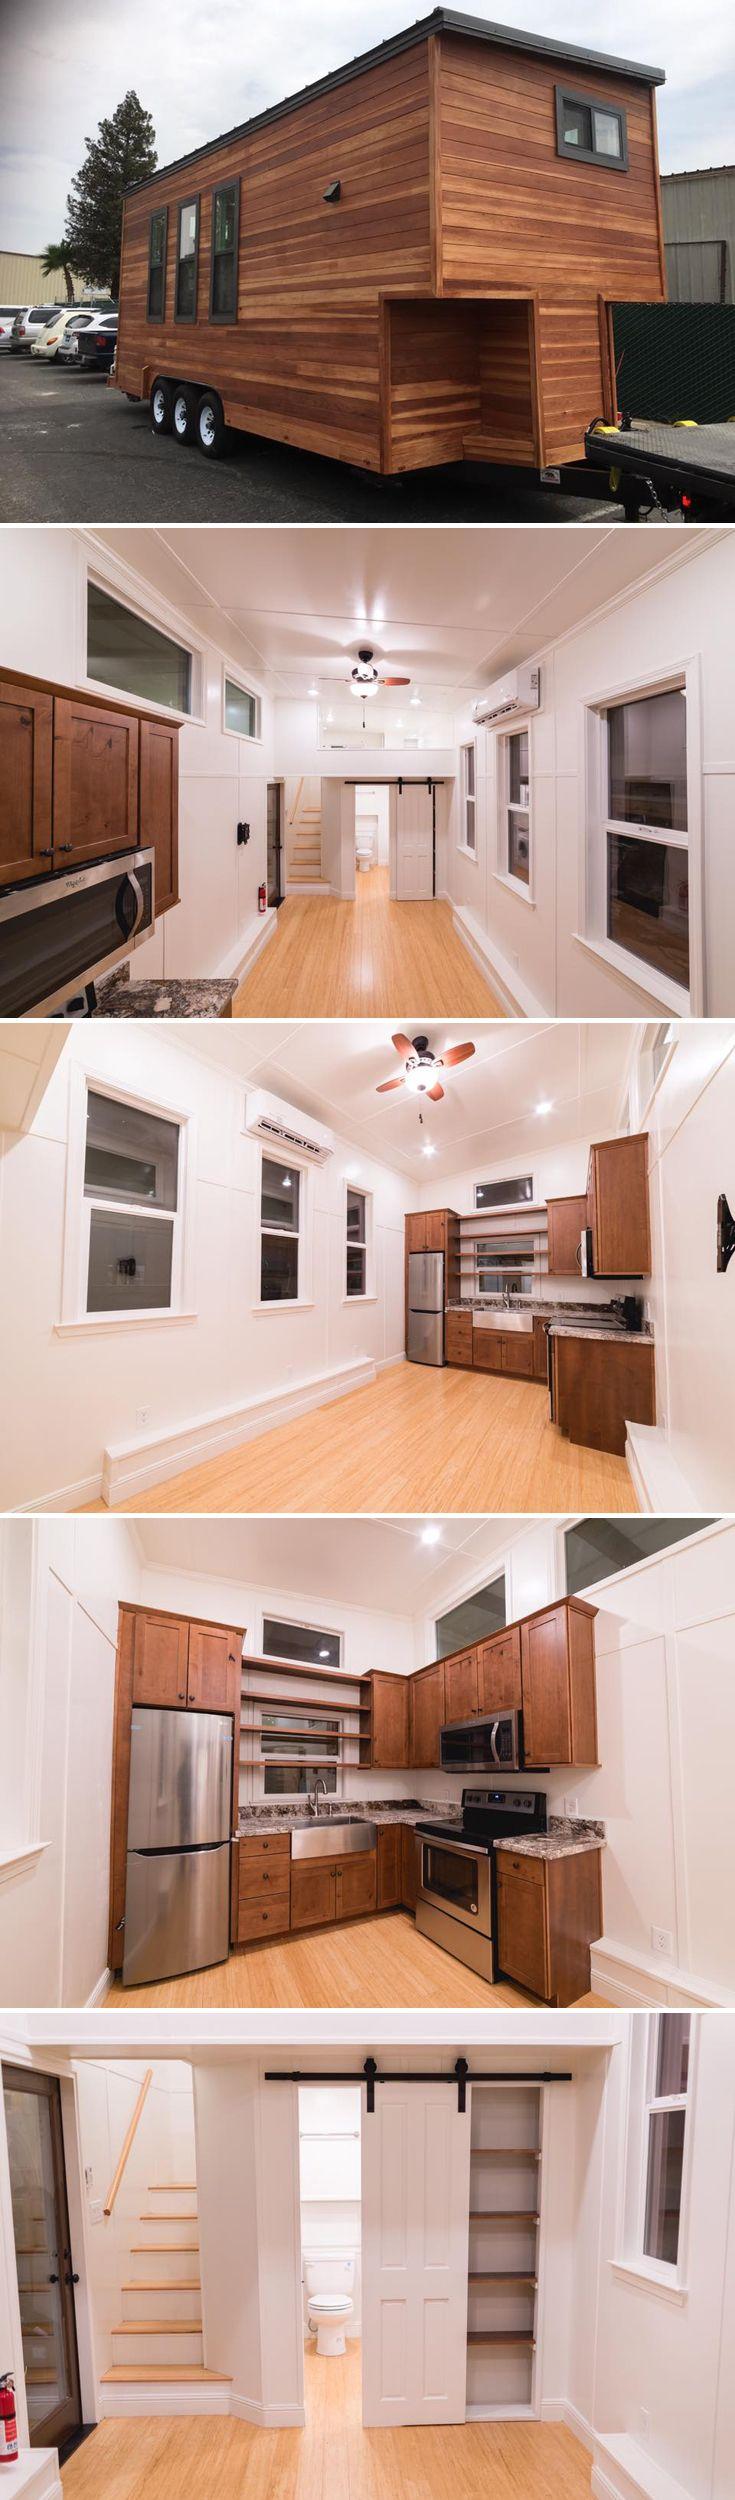 orey u0026 jenna u0027s tiny house by california tiny house